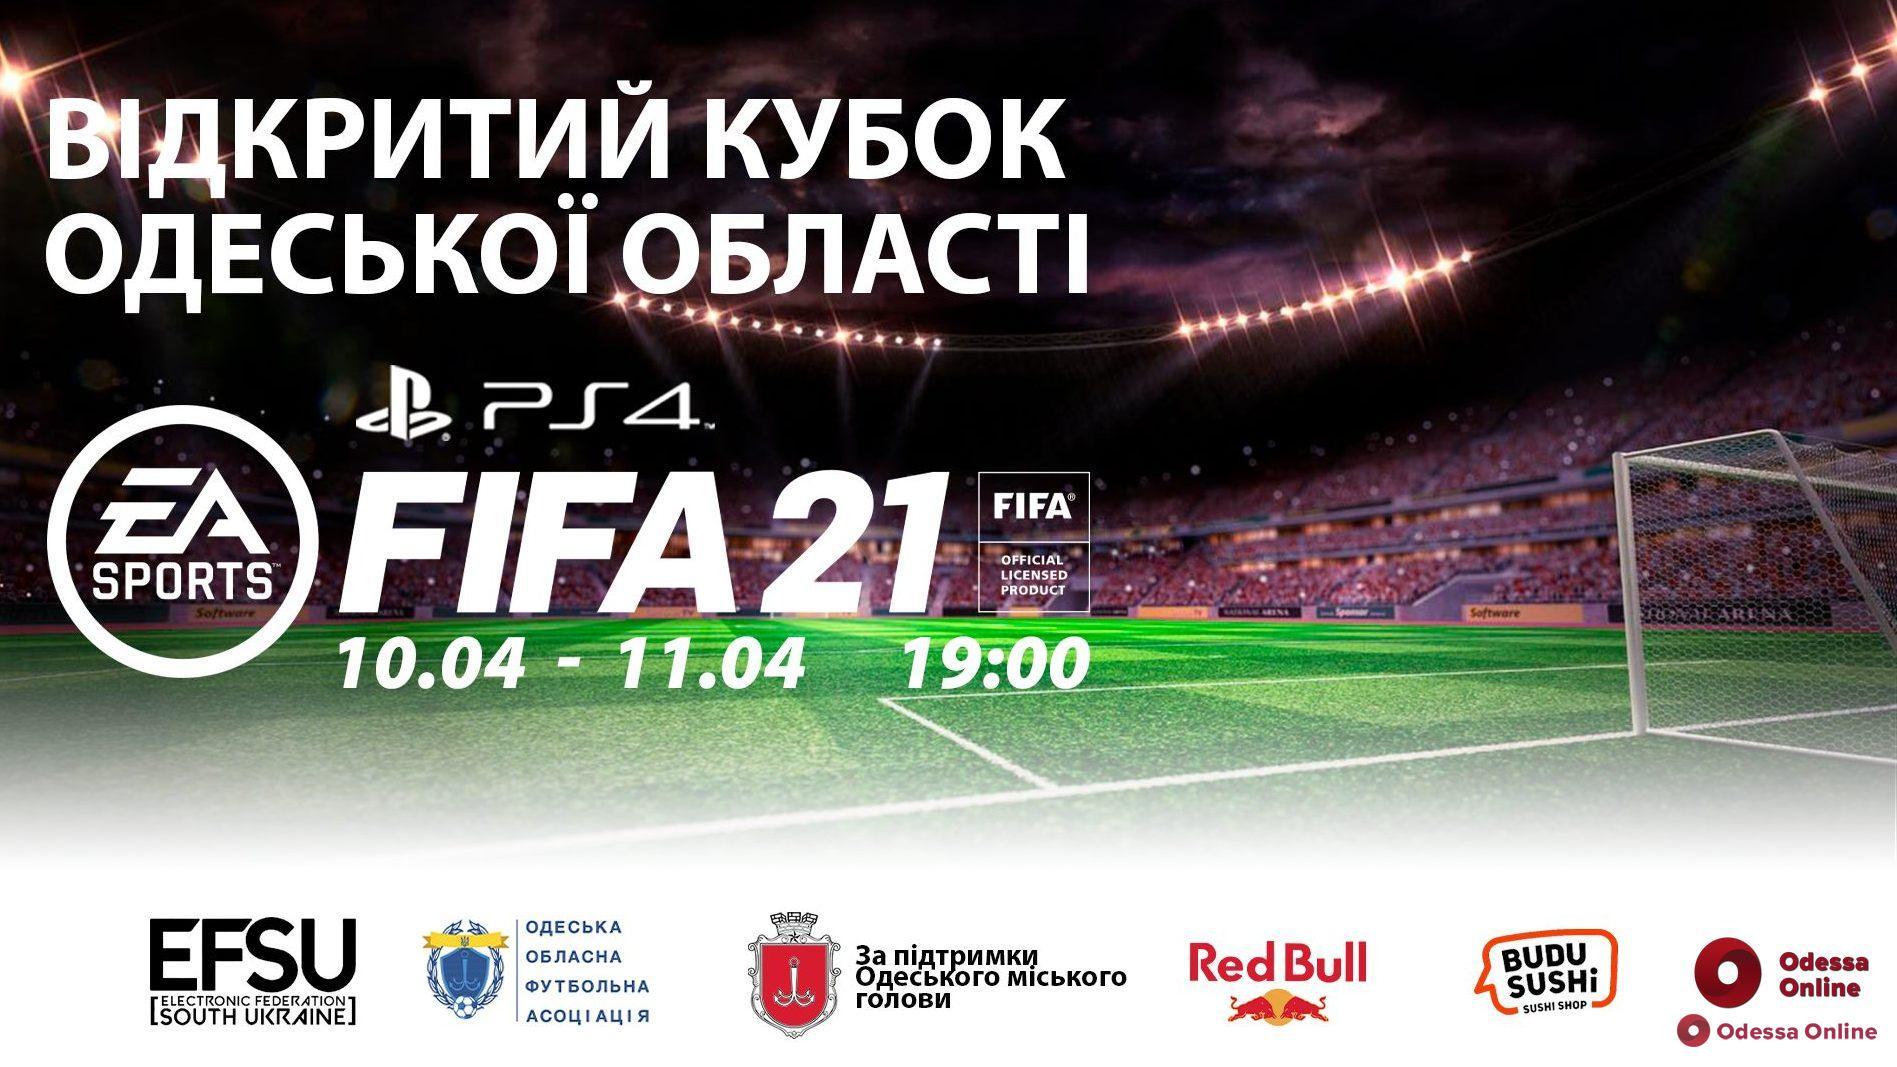 Киберфутбол: украинцы могут бесплатно поучаствовать в Открытом Кубке Одесской области